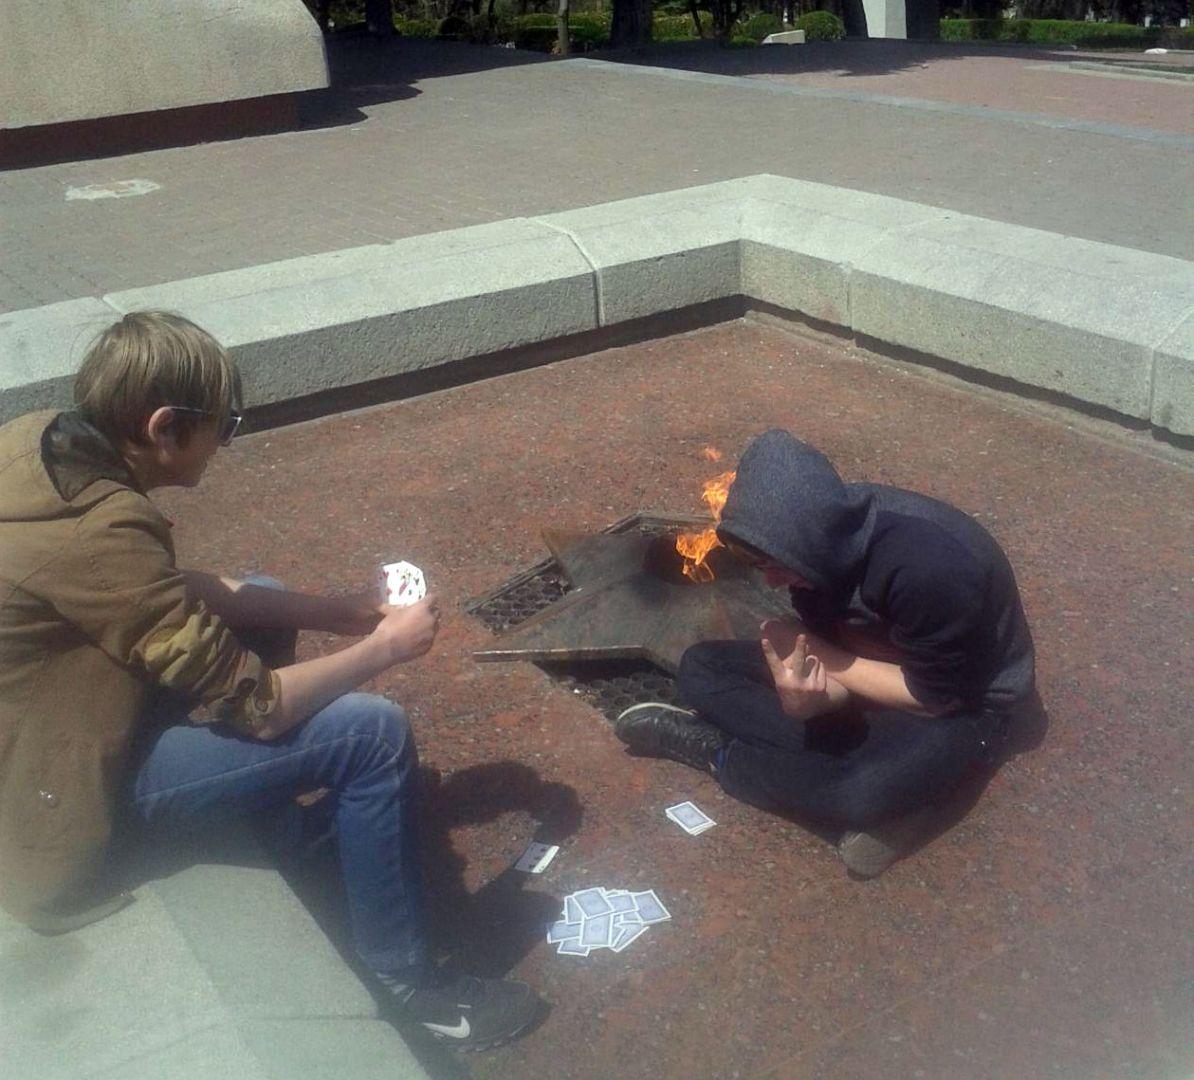 ВКисловодске разыскиваются игравшие у бессрочного огня подростки